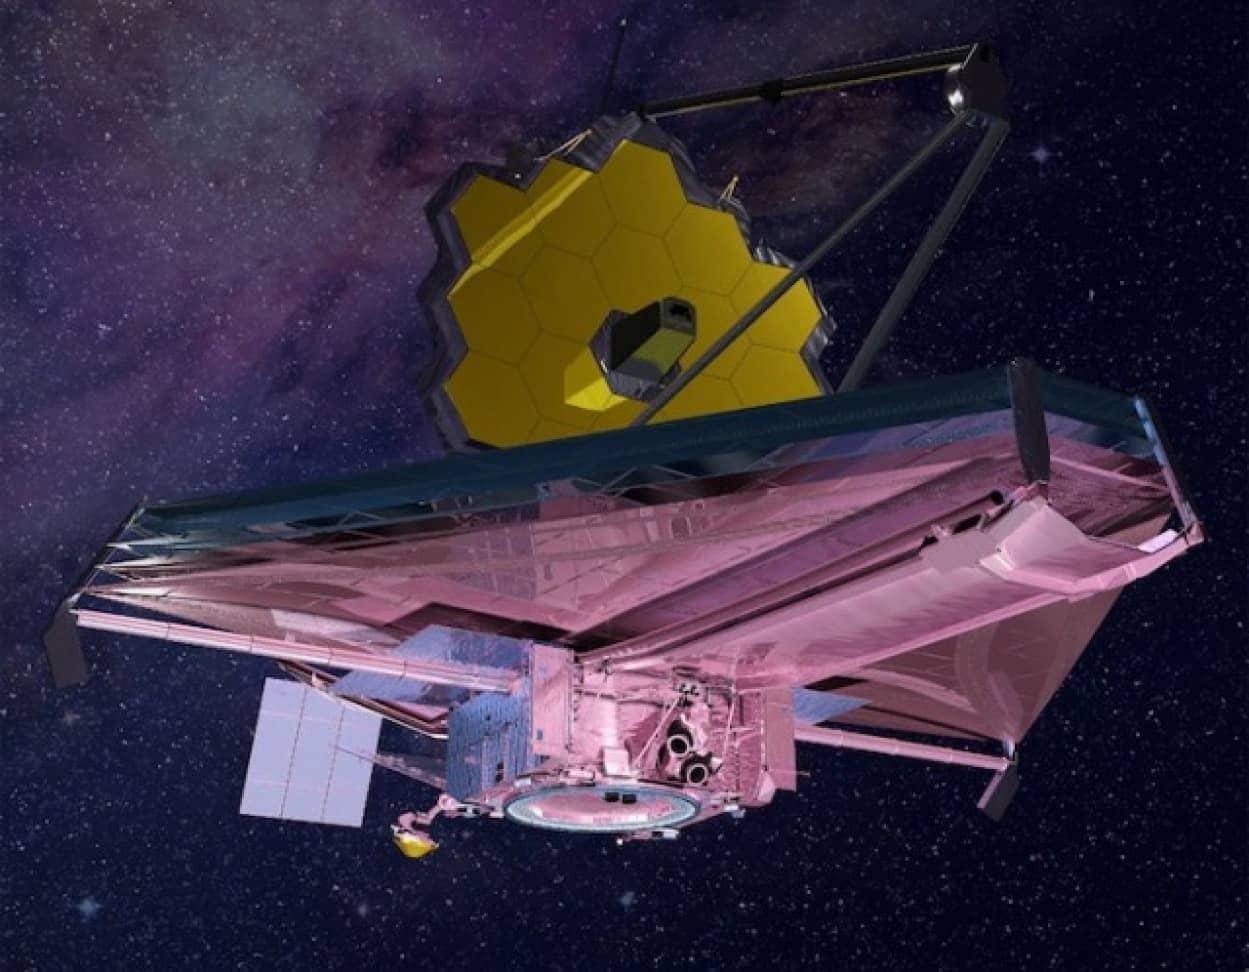 ジェイムズ・ウェッブ宇宙望遠鏡がいよいよ完成、宇宙人探しがはじまる